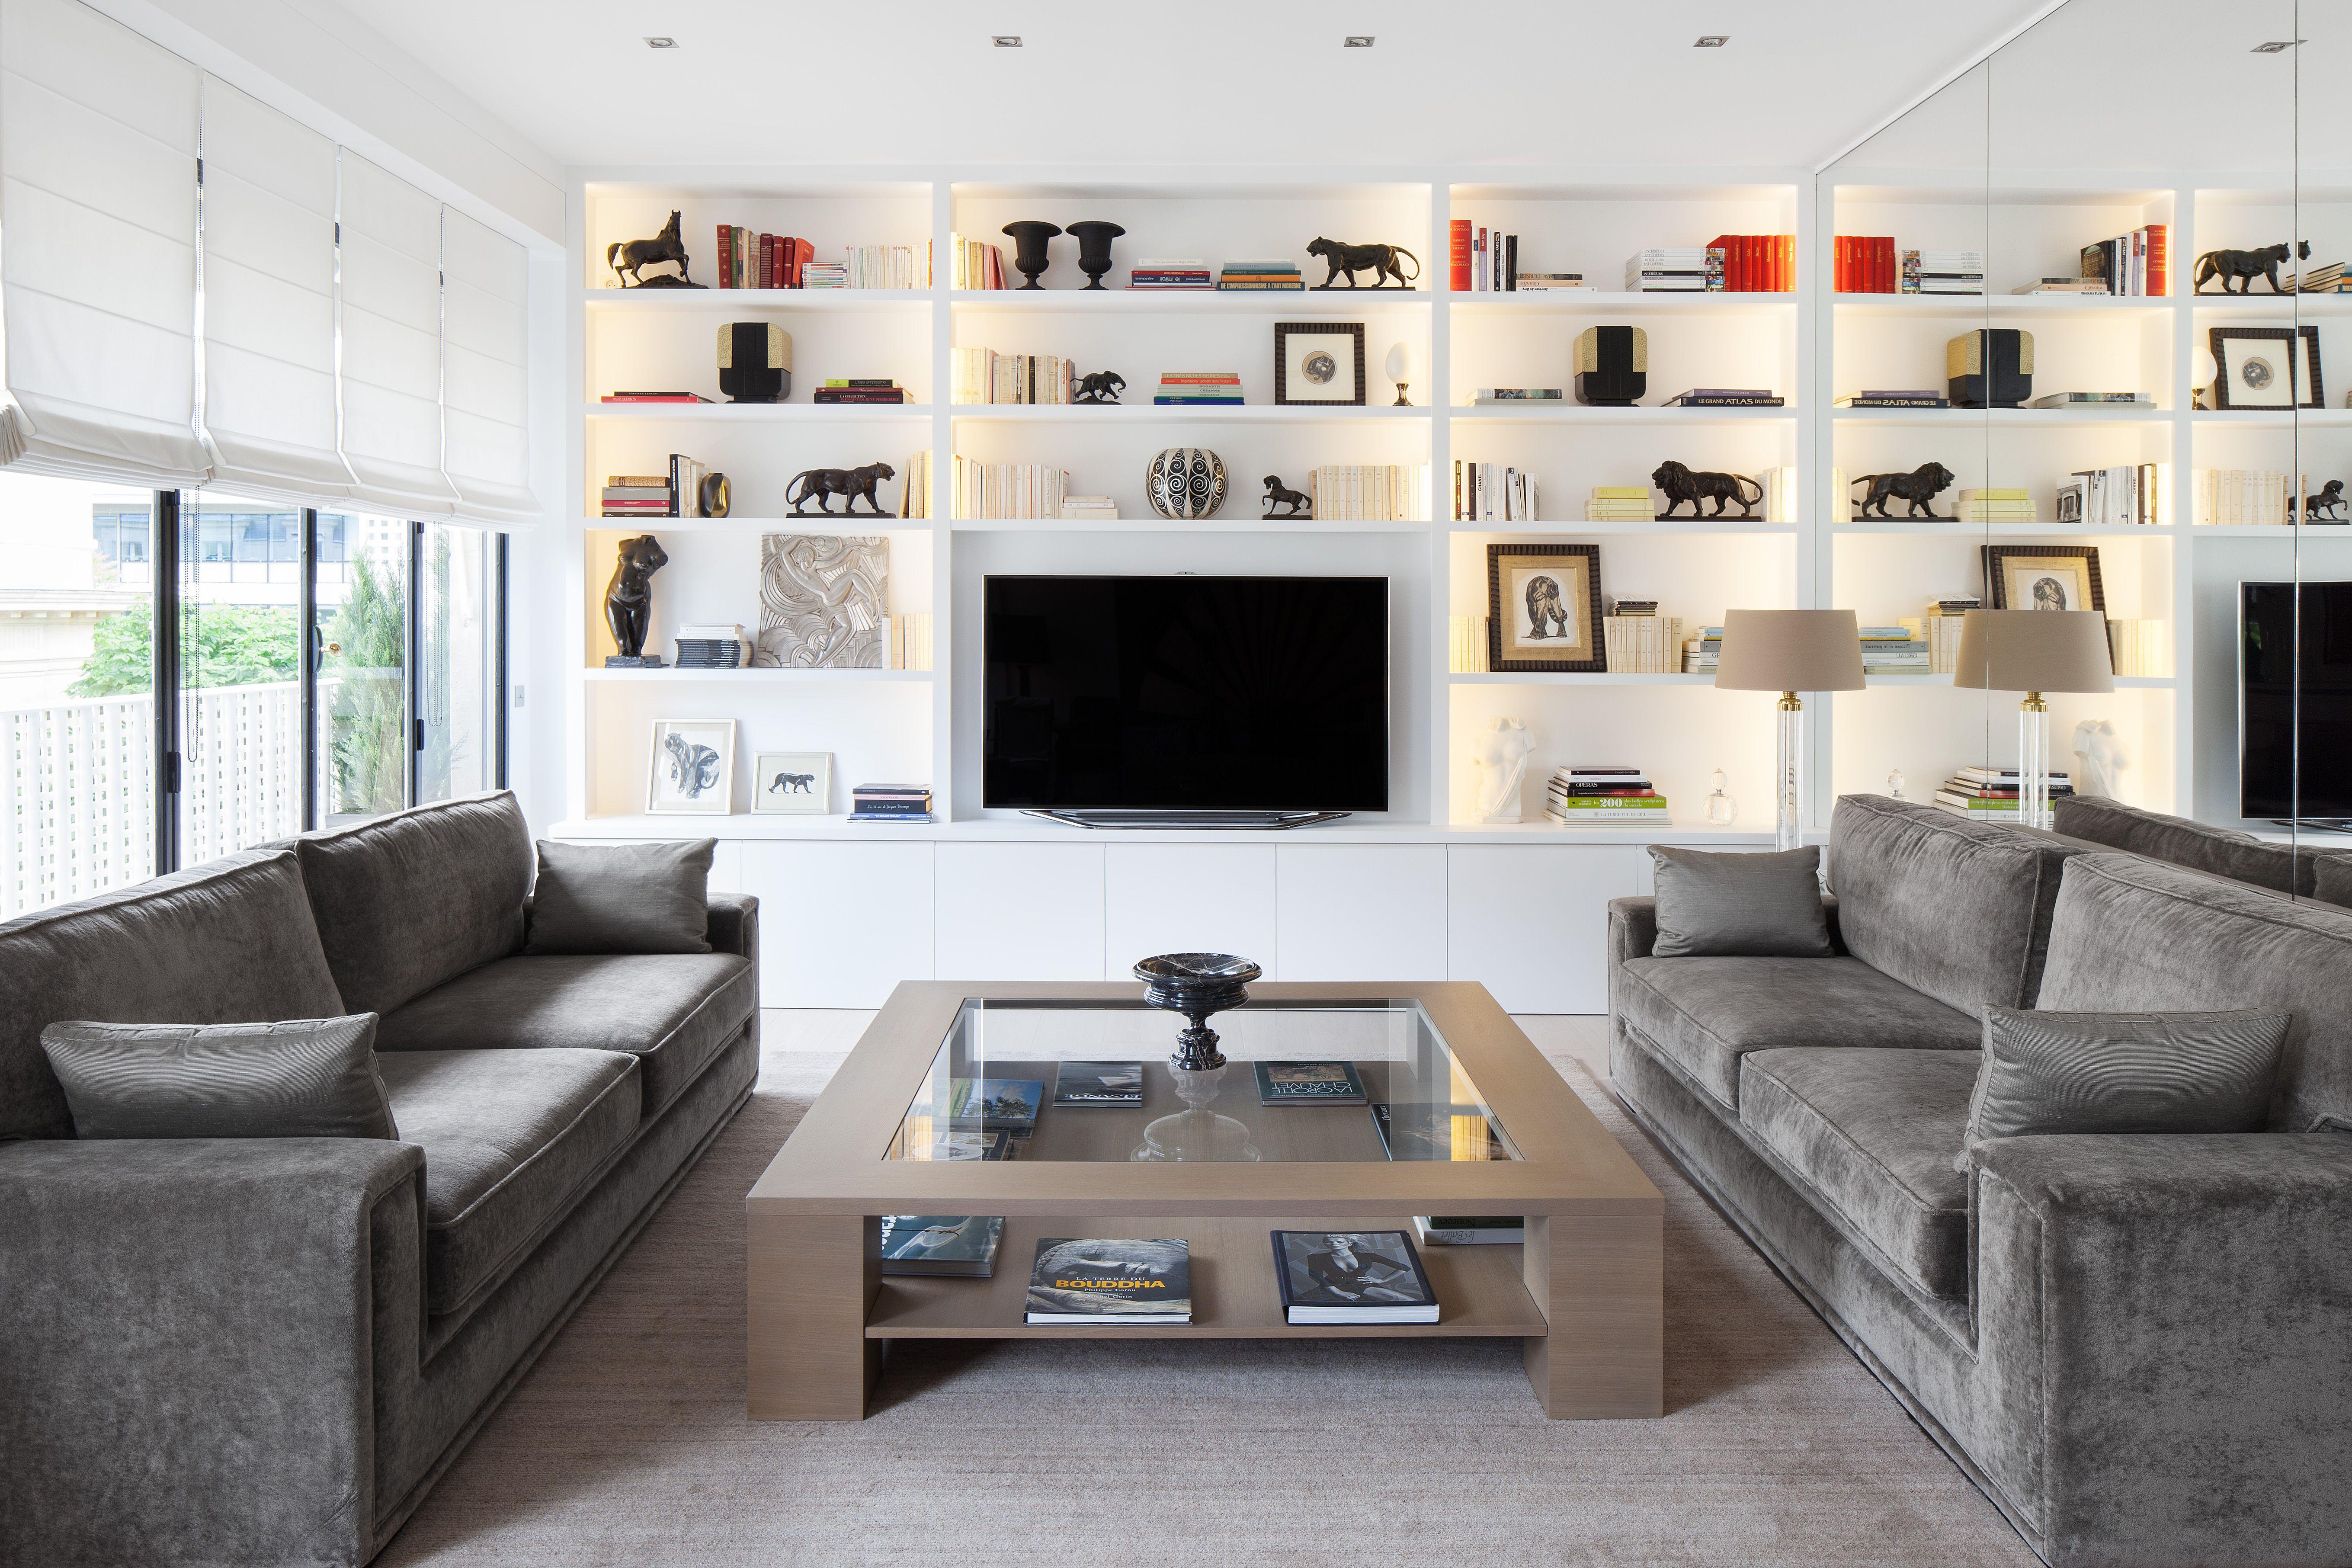 Appartement contemporain r alisation cda design salon s jour miroir biblioth que clairage - Salon contemporain design ...